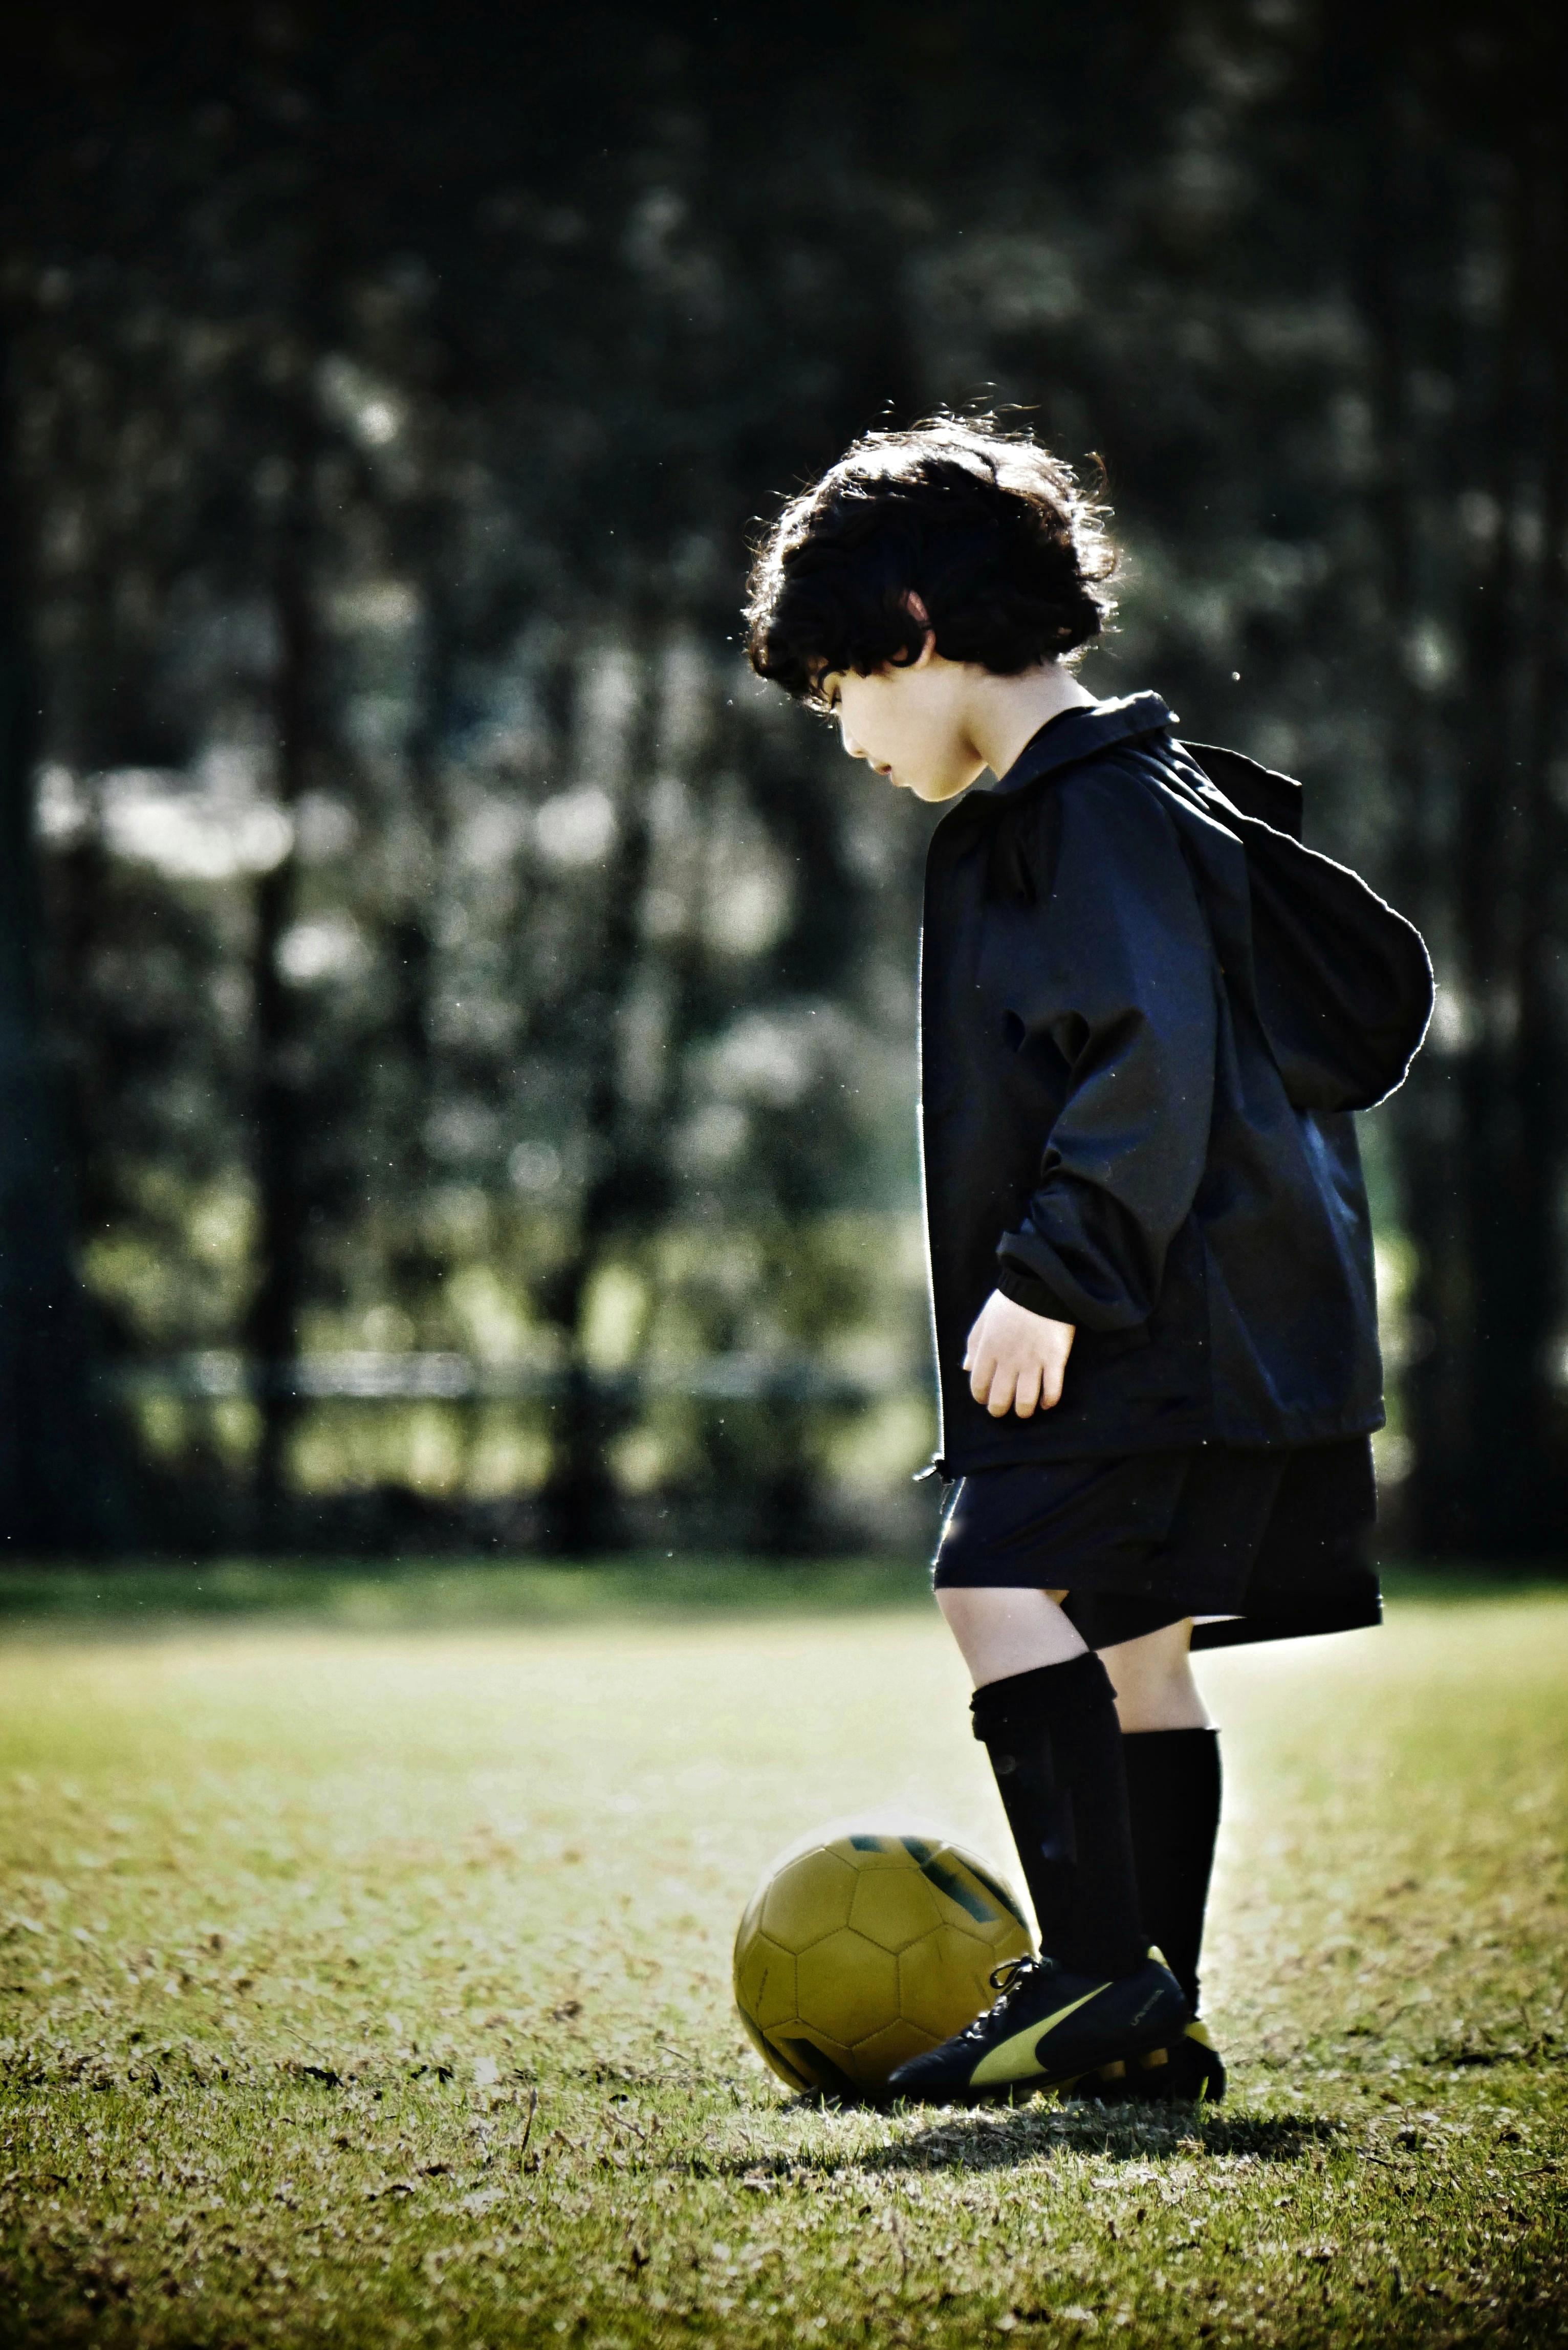 Background Sepak Bola : background, sepak, Stock, Photo, Football, Player,, Soccer